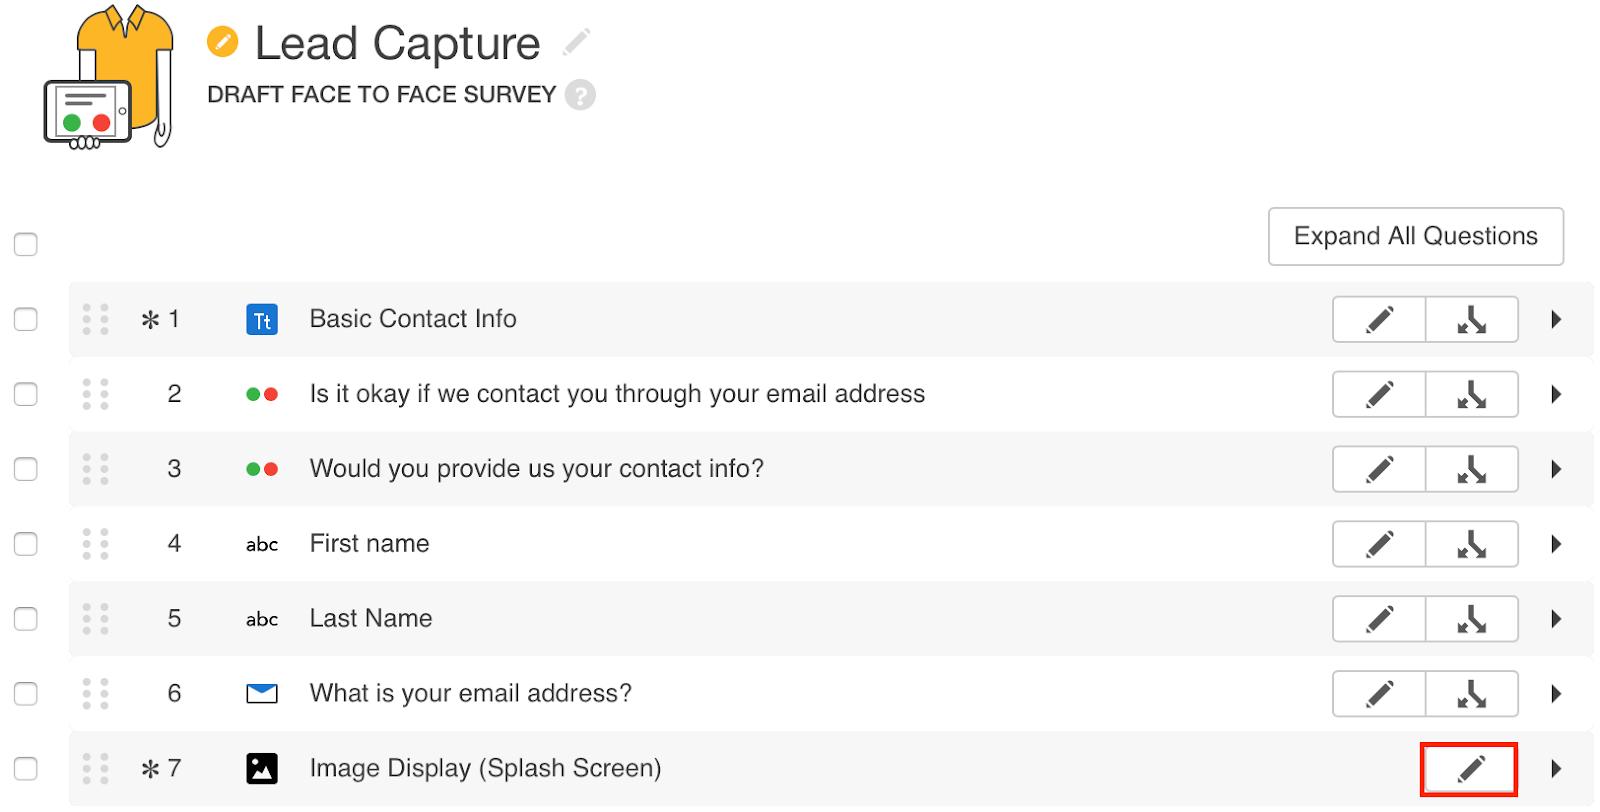 Lead Capture Survey Mobile